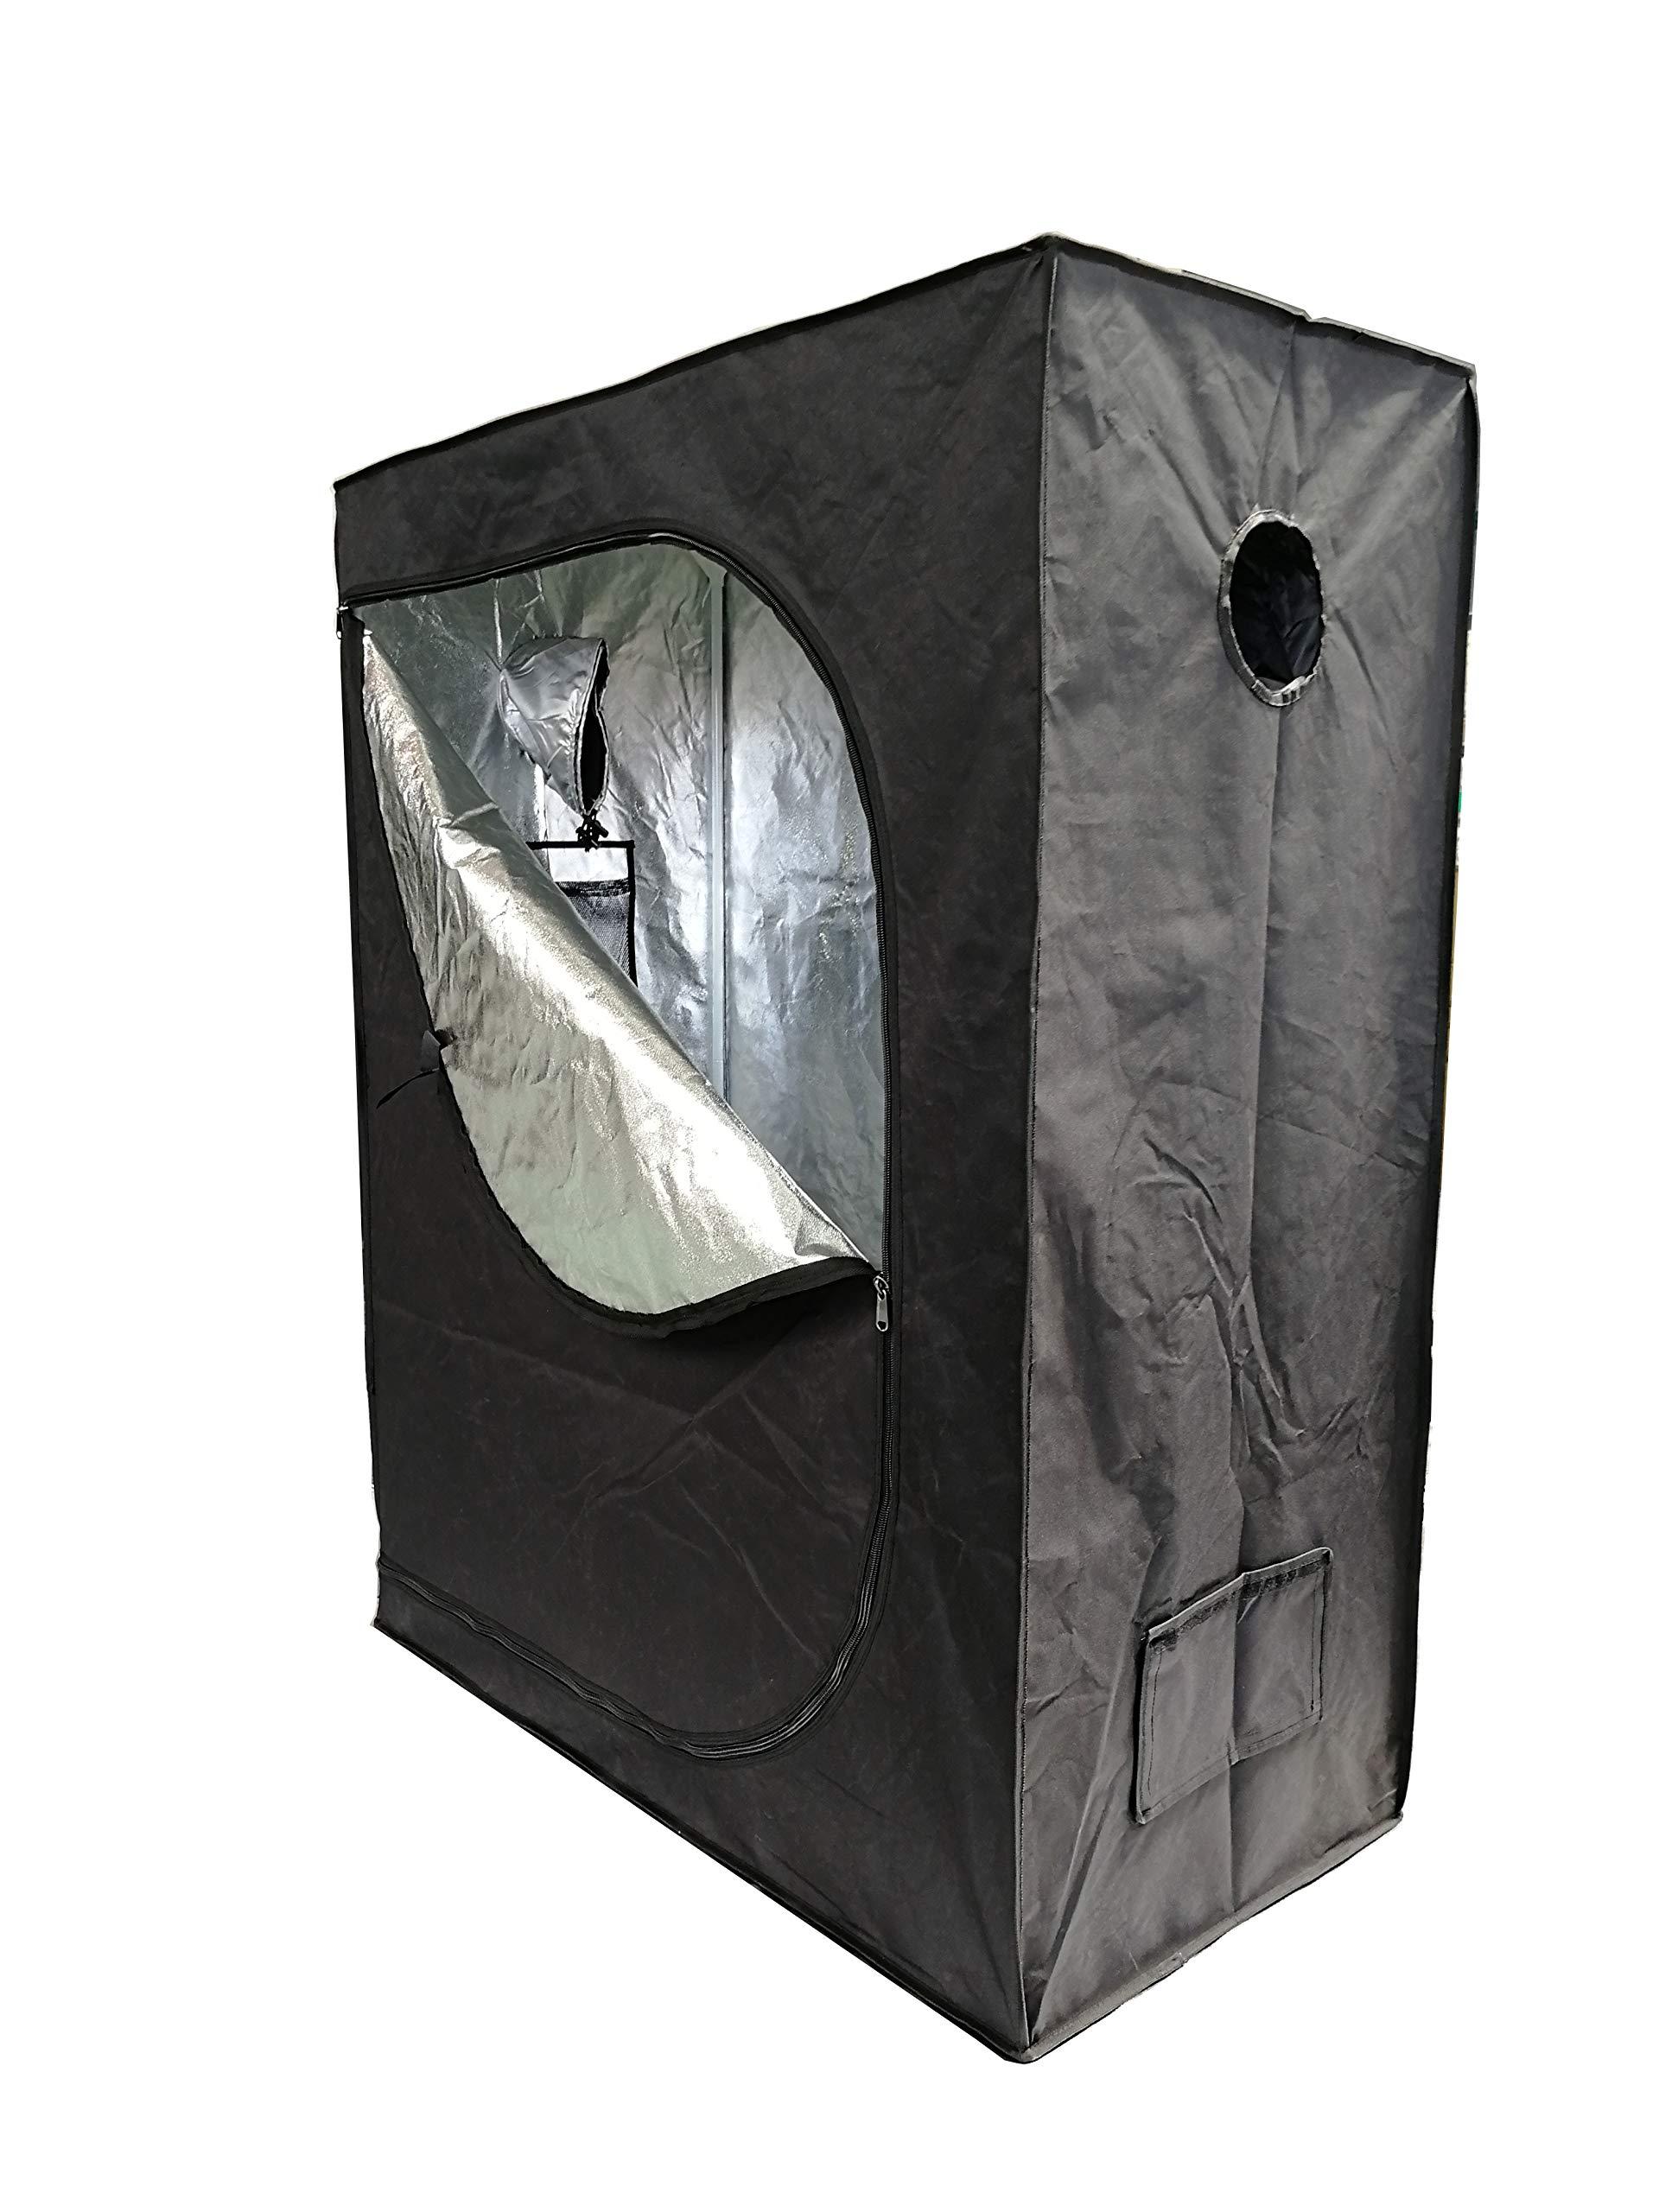 Hydroponics 2.4m x 1.2m x 1.6m Loft Attic Tent Indoor Inside Growing Bud Room